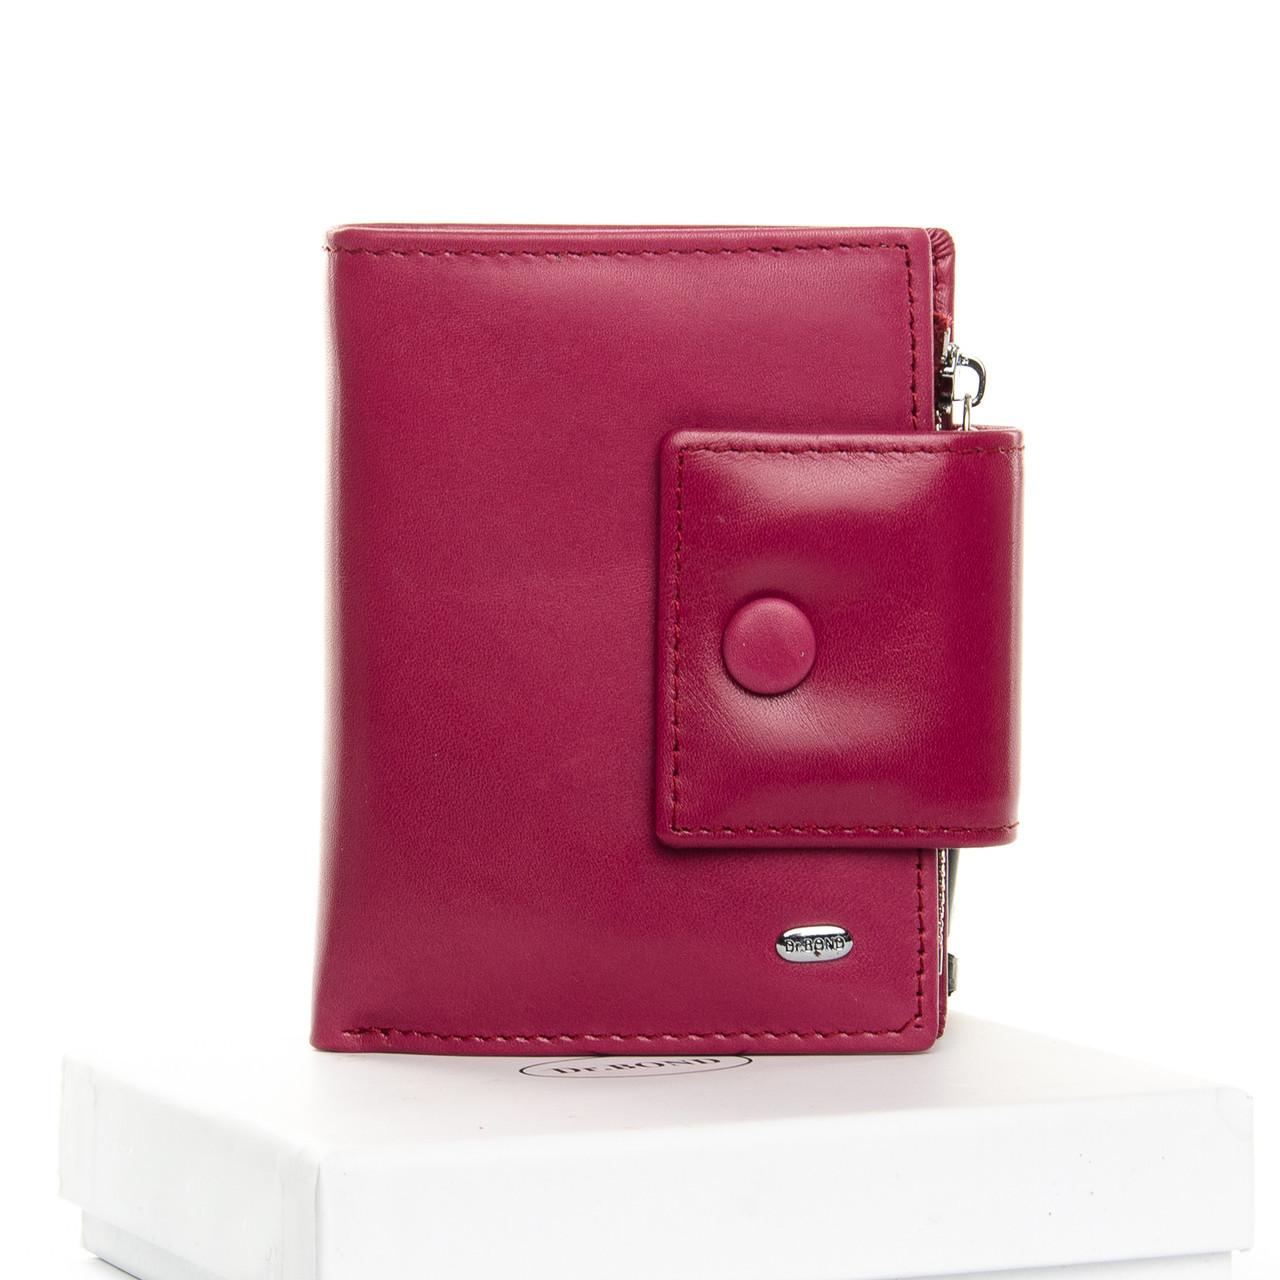 Кошелек Classic кожа DR. BOND WS-5 plum-red